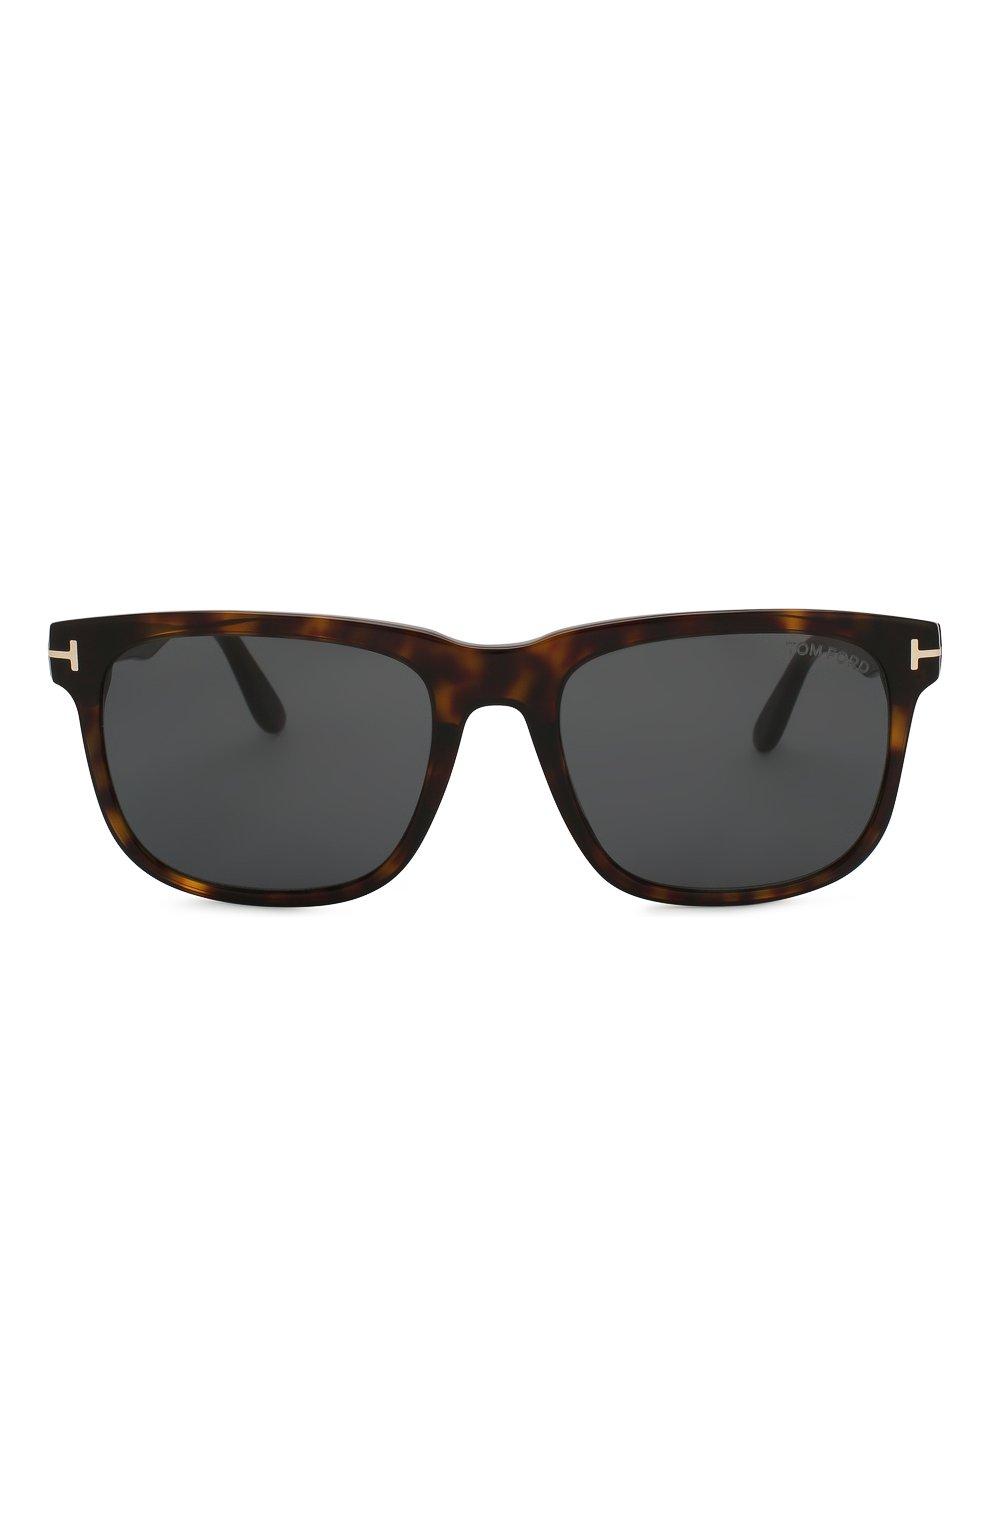 Женские солнцезащитные очки TOM FORD коричневого цвета, арт. TF775 52A | Фото 3